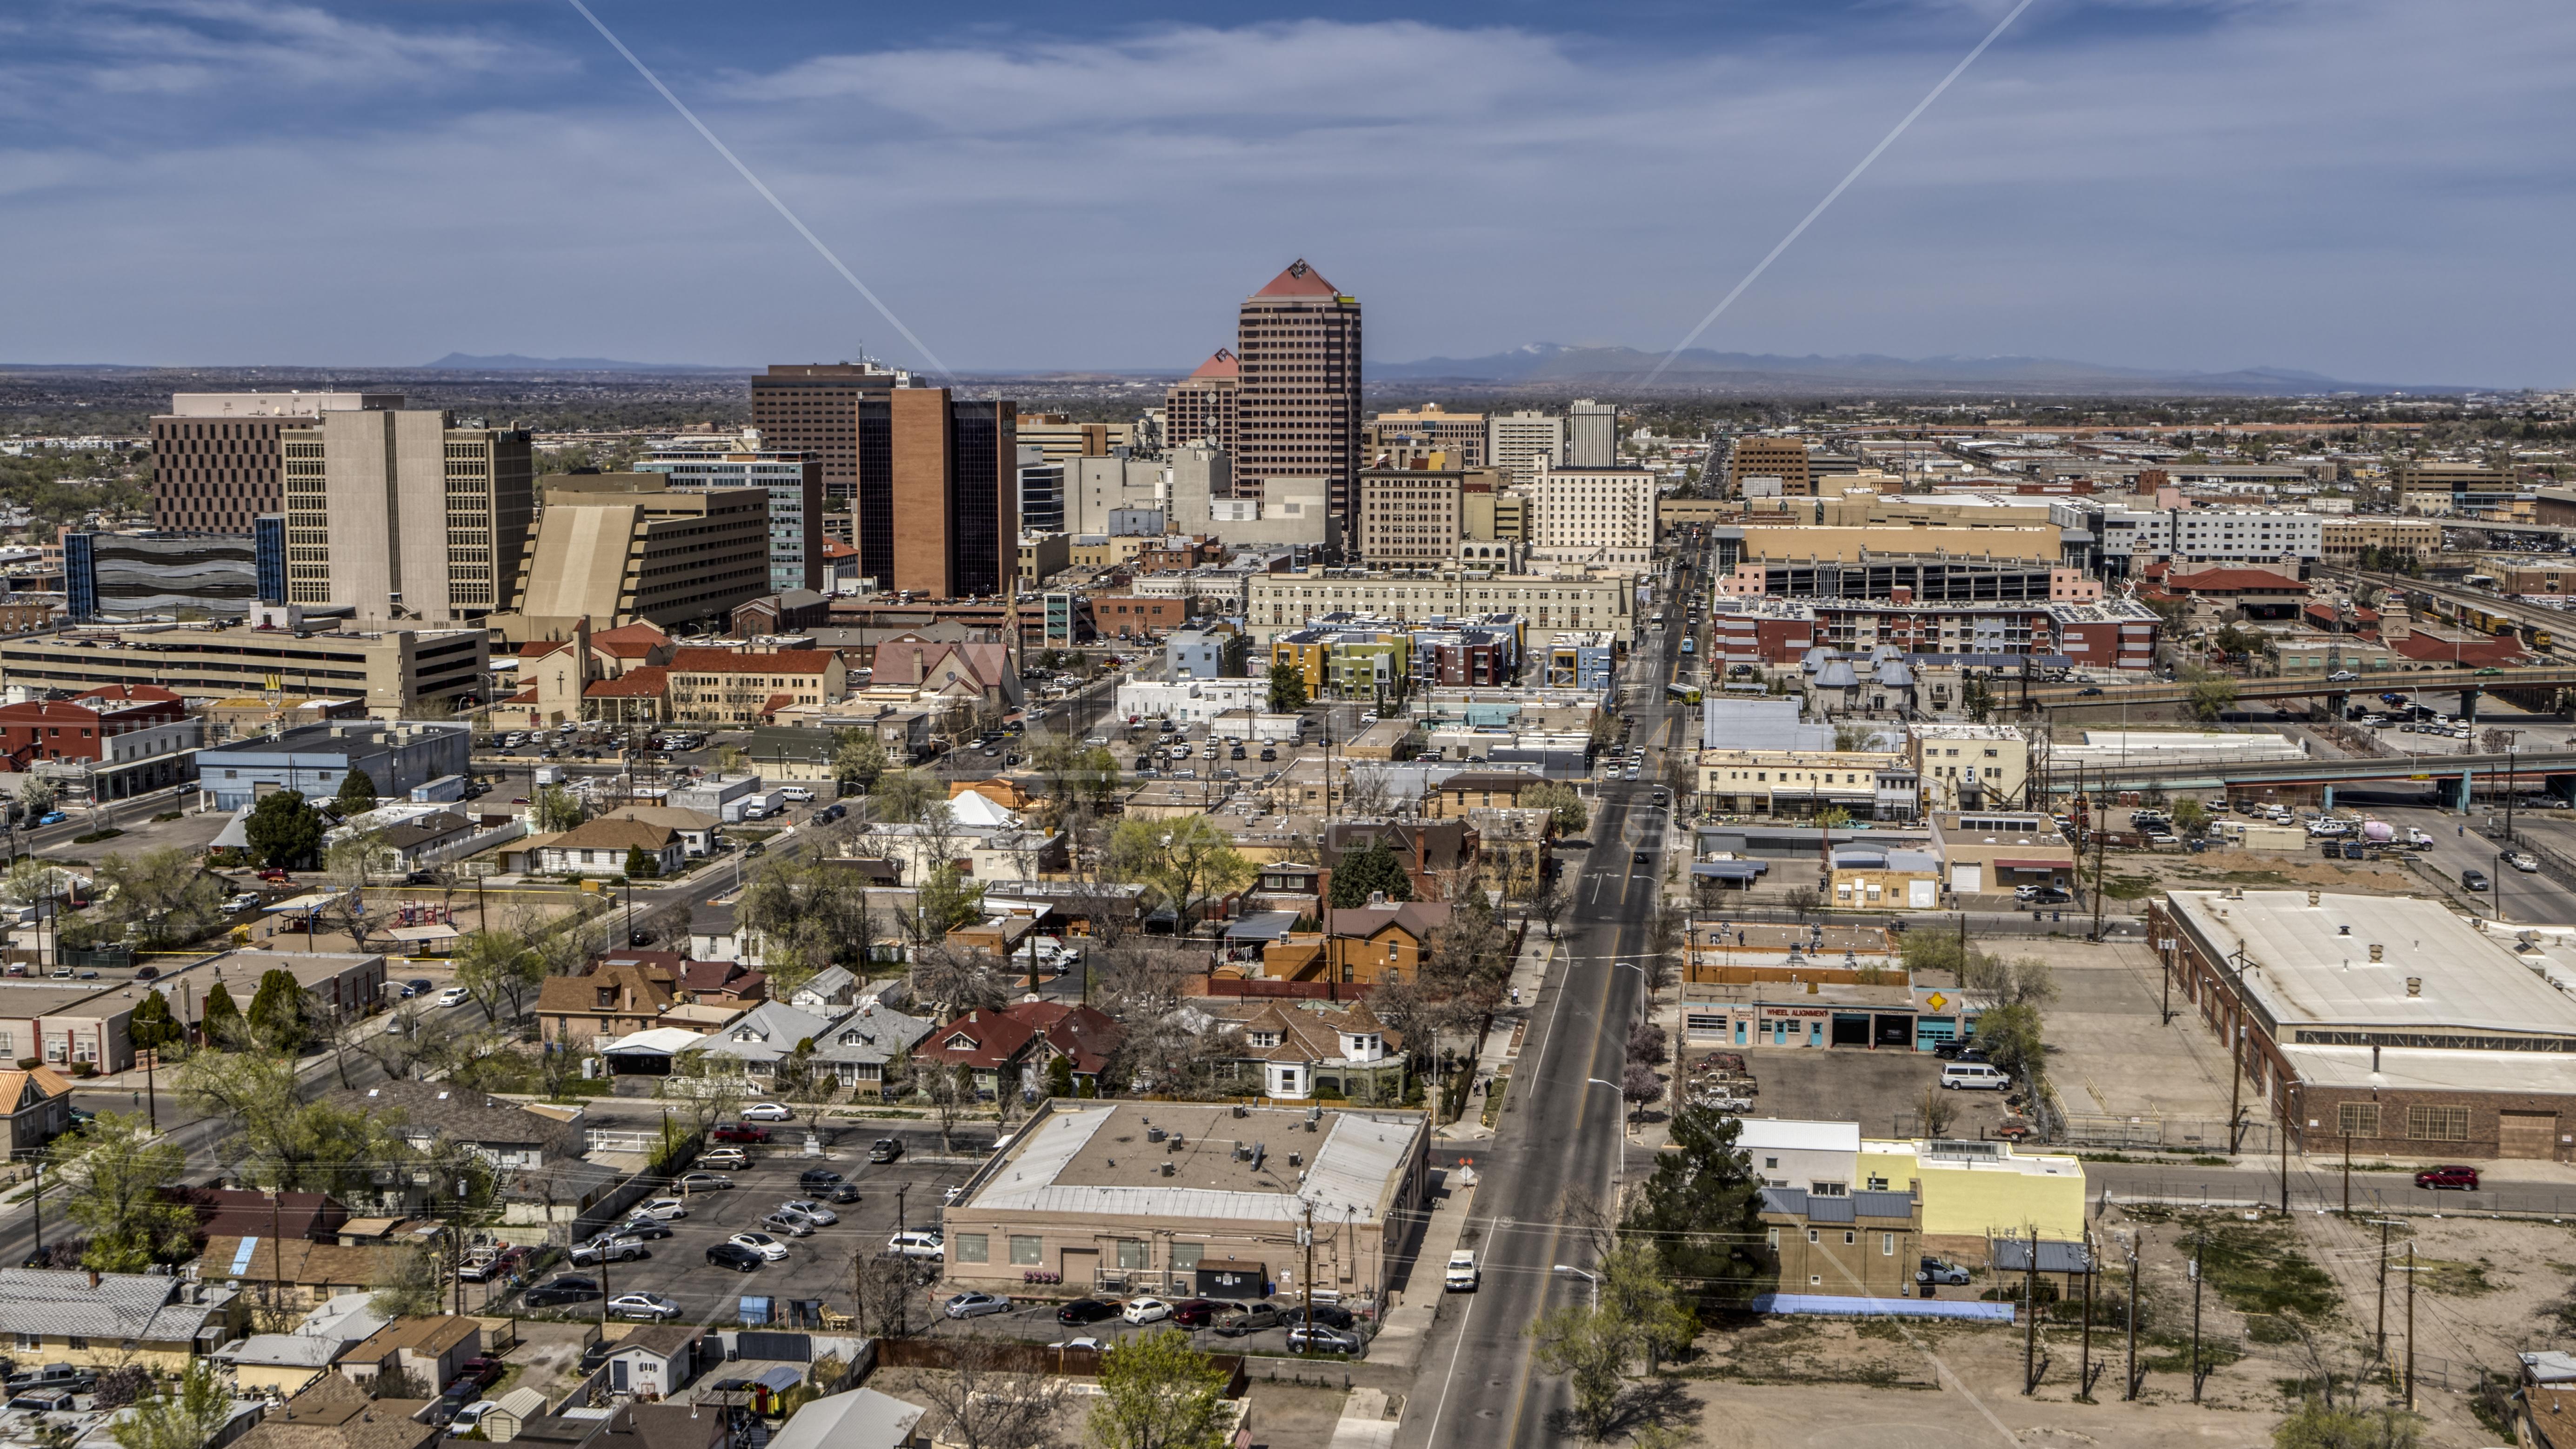 Albuquerque | Commercial Real Estate | CBRE